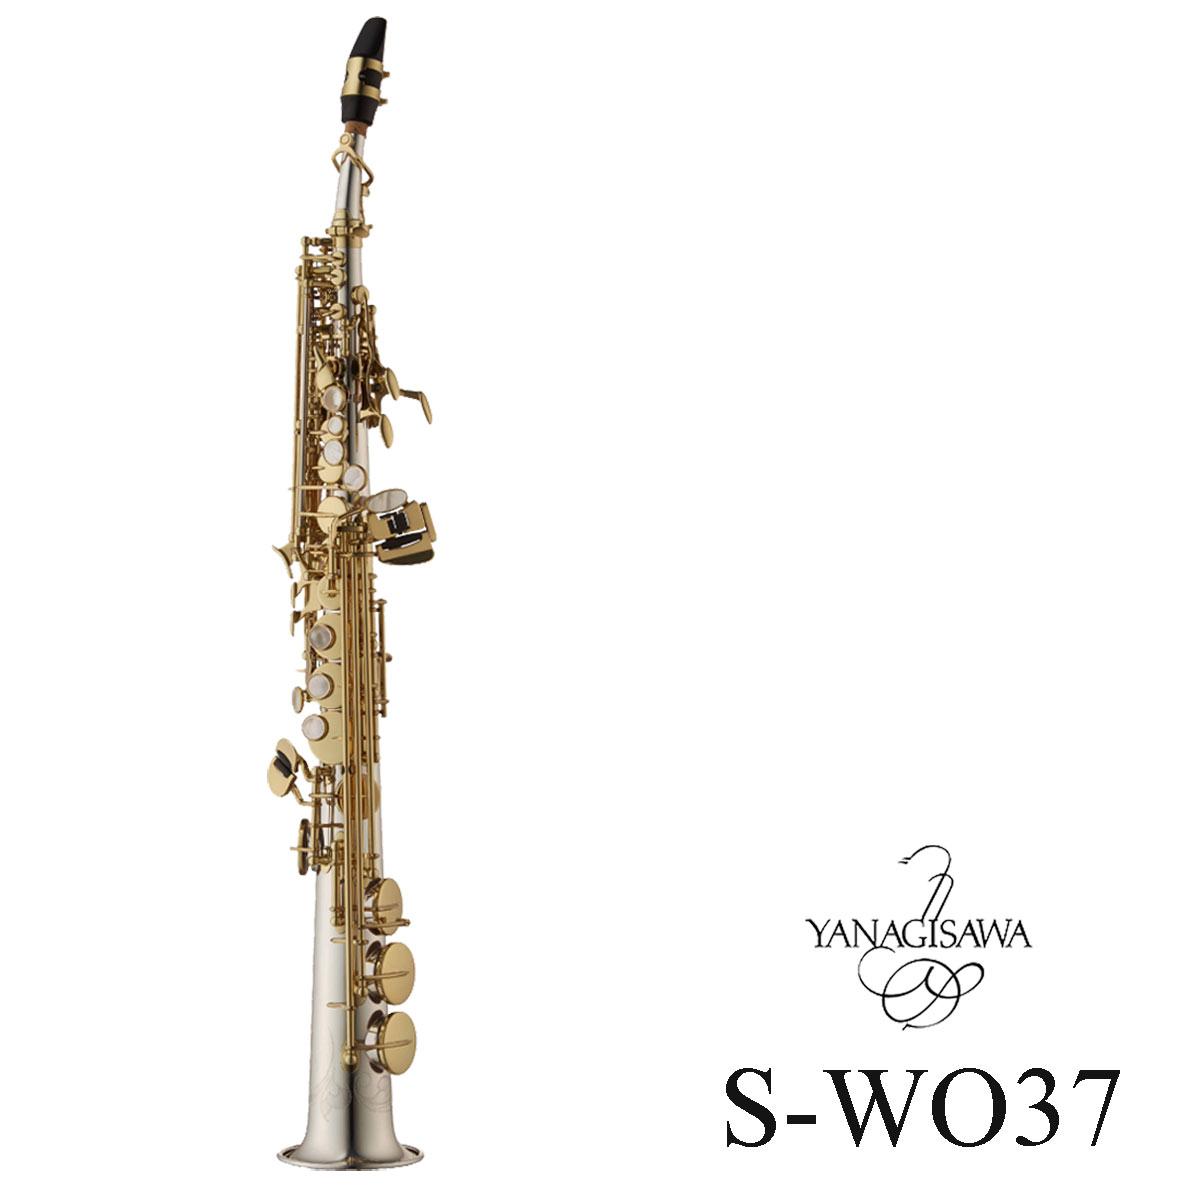 Yanagisawa / S-WO37 ヤナギサワ ソプラノサックス シルバー管 ヘヴィウェイト WOシリーズ ラッカー仕上《予約注文:納期お問い合わせください》